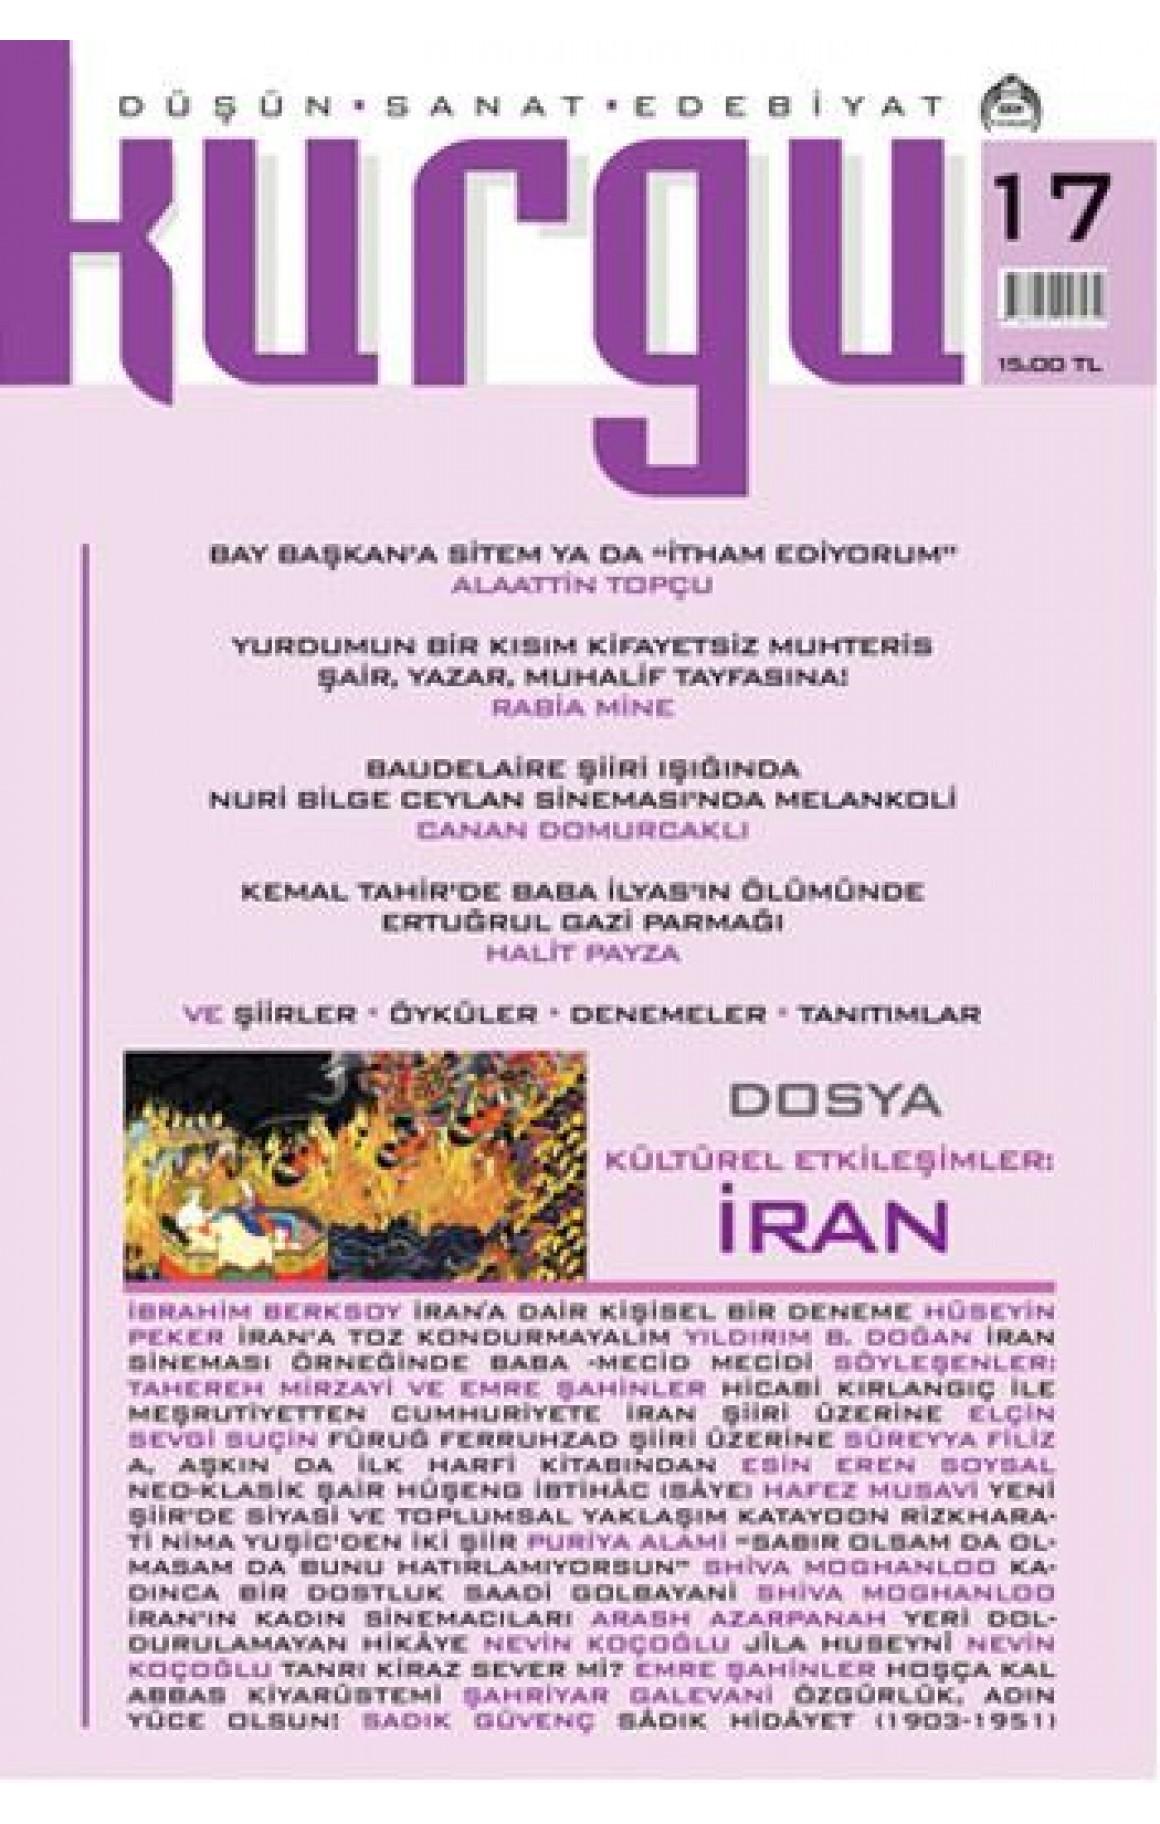 Kurgu Düşün - Sanat - Edebiyat Dergisi Sayı: 17